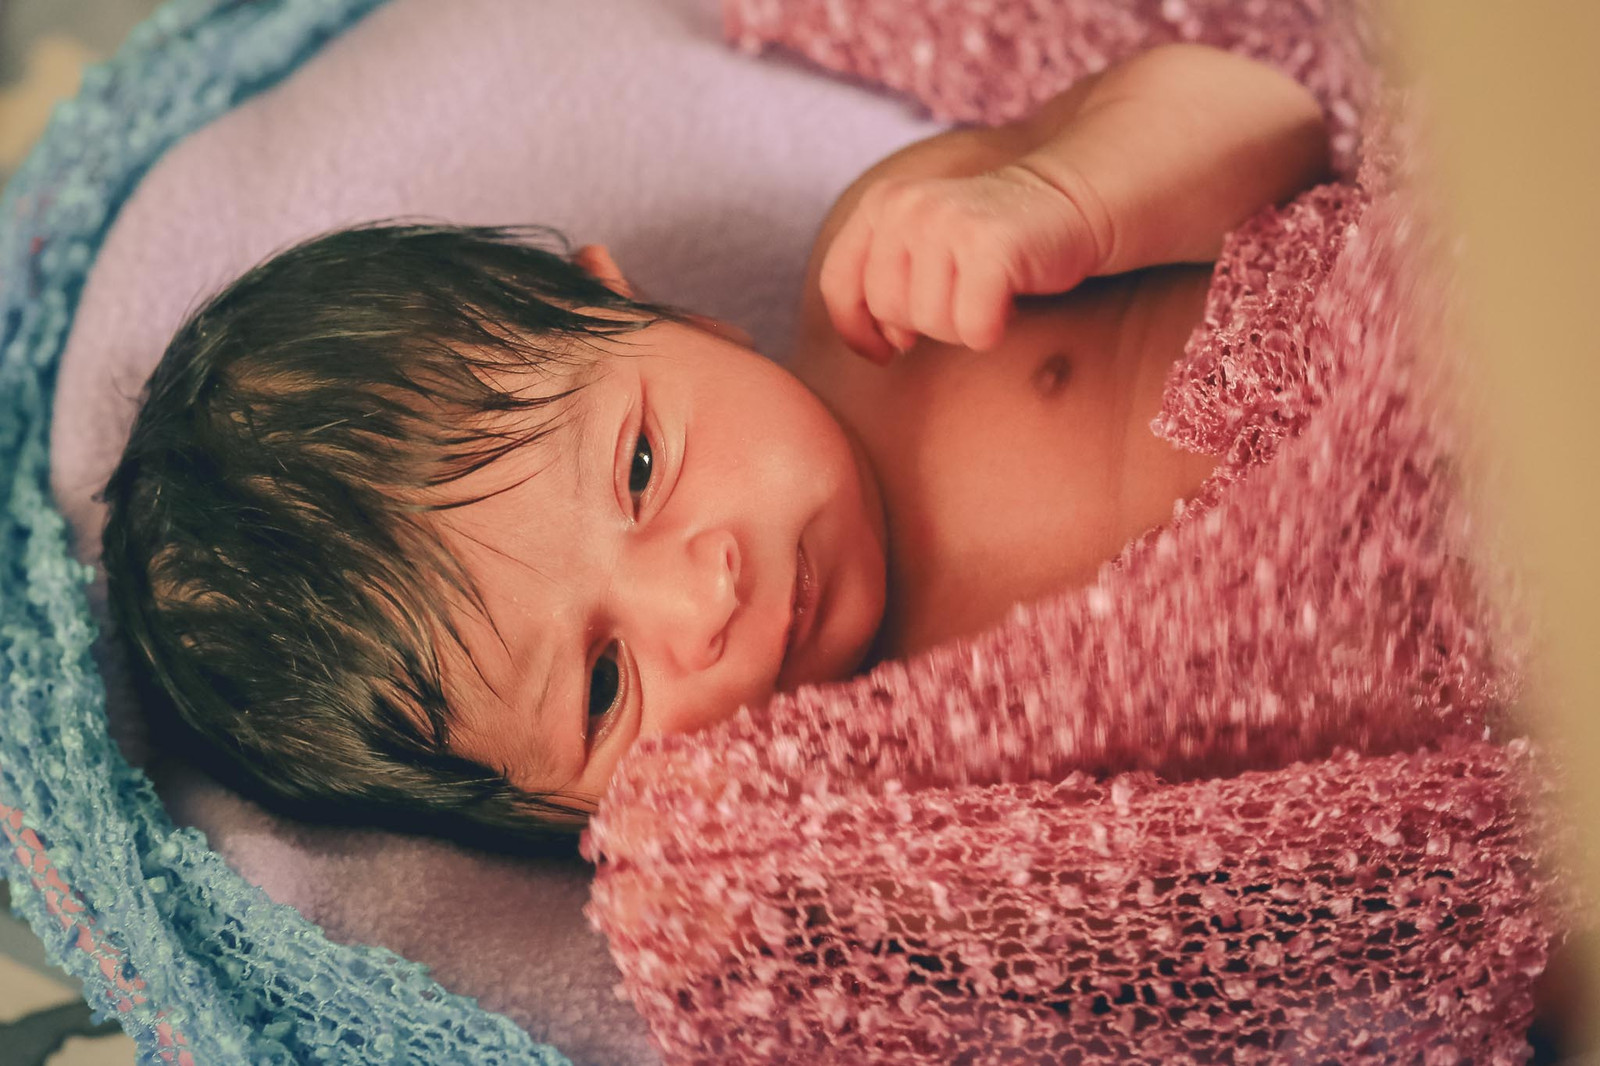 Newborn photography in kochi kerala and dubai d3scochin 9048400057